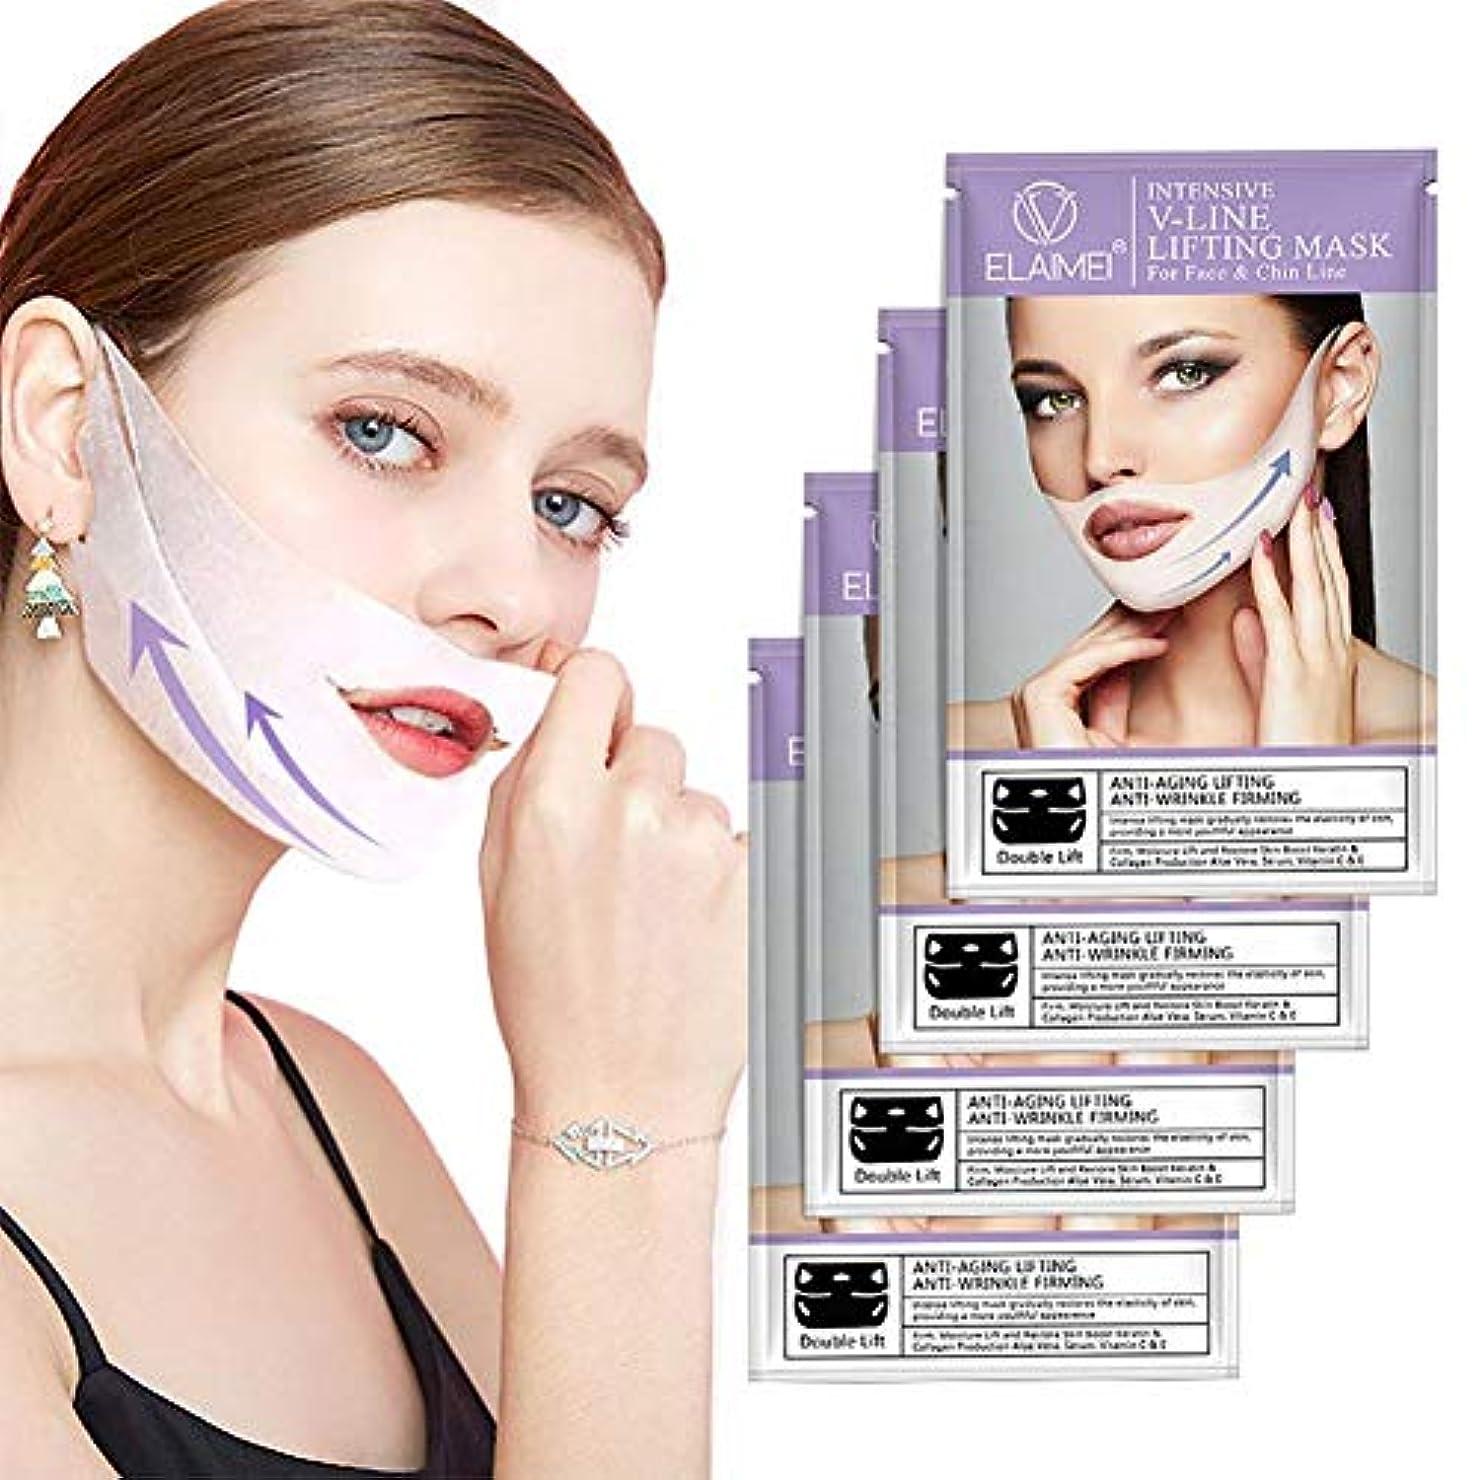 発音する啓発する音楽ユニセックスVラインマスク、フェイス&チンライン用4 PCSリフティングバンドパッチ、ダブルチンVフェイスチンアップファーミングマスク